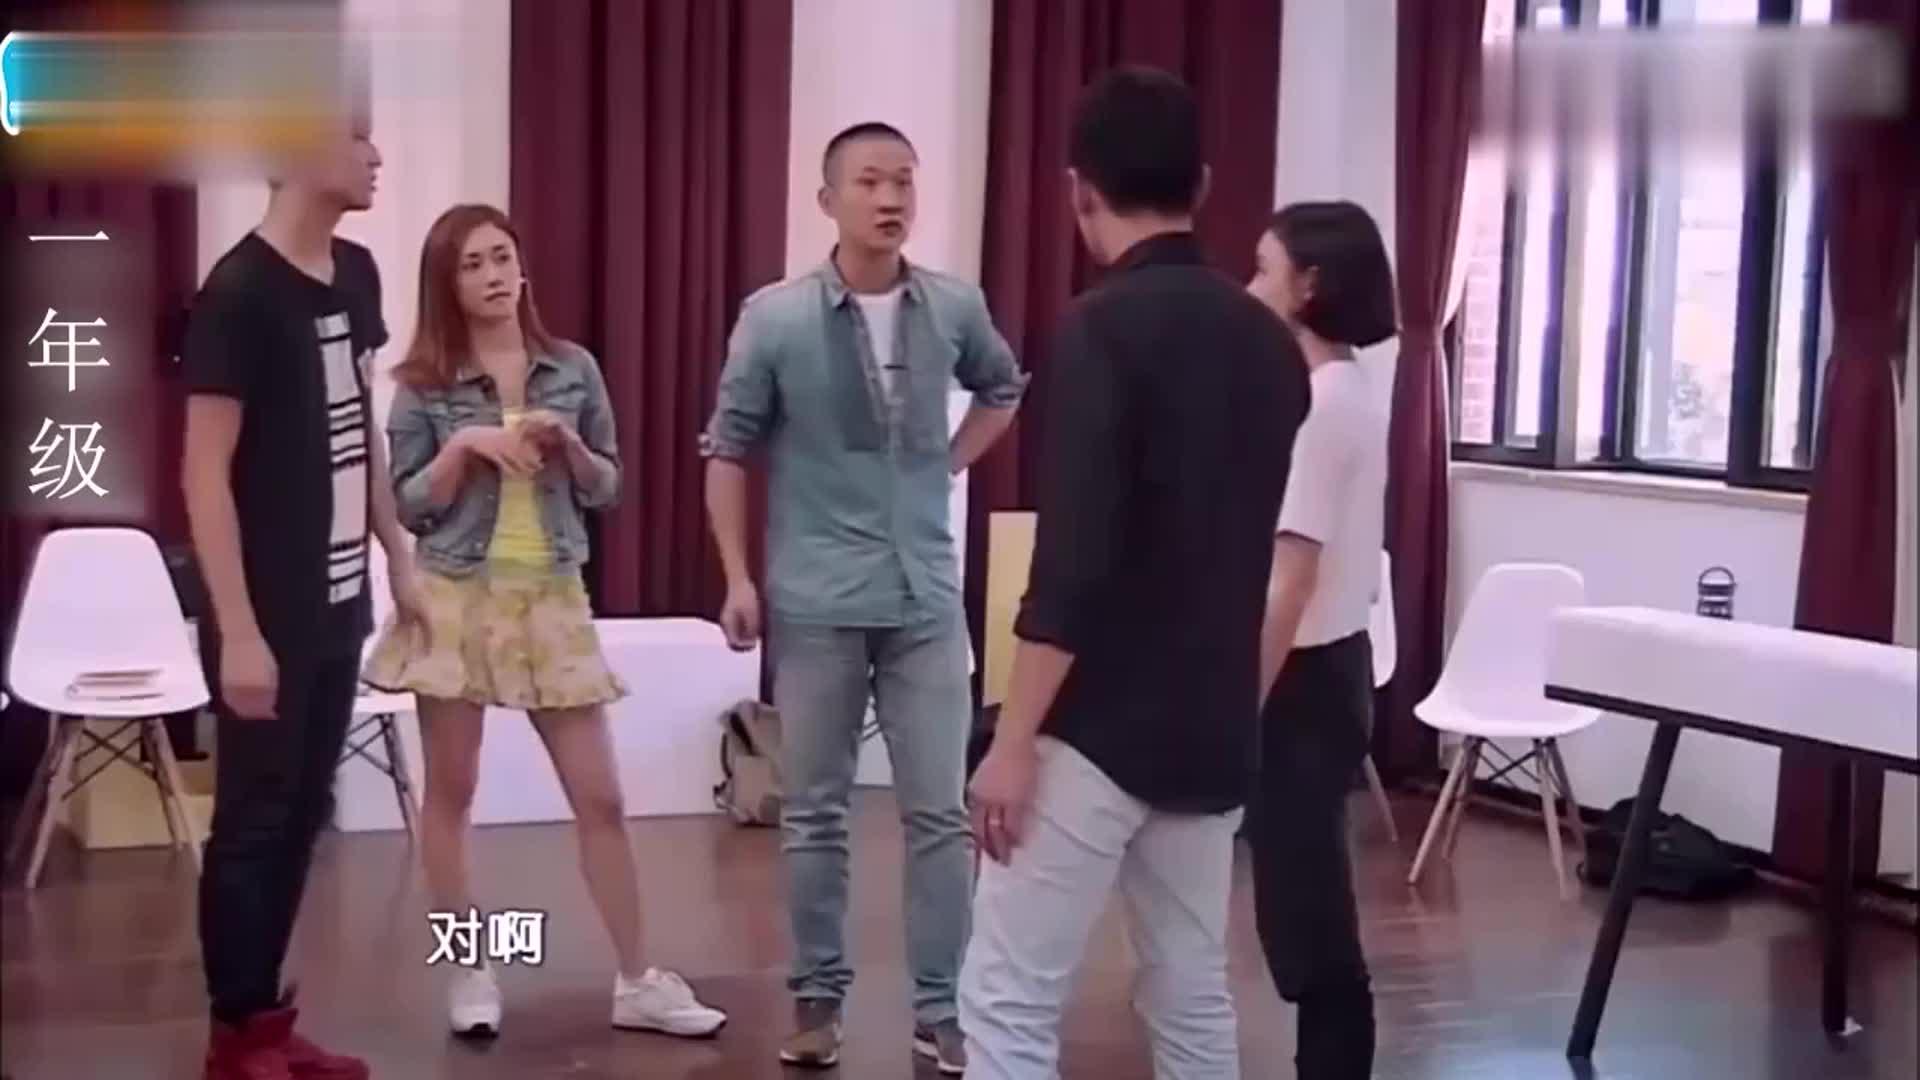 佟大为现场发飙名场面,怒斥耍大牌女演员,直呼不演滚蛋!